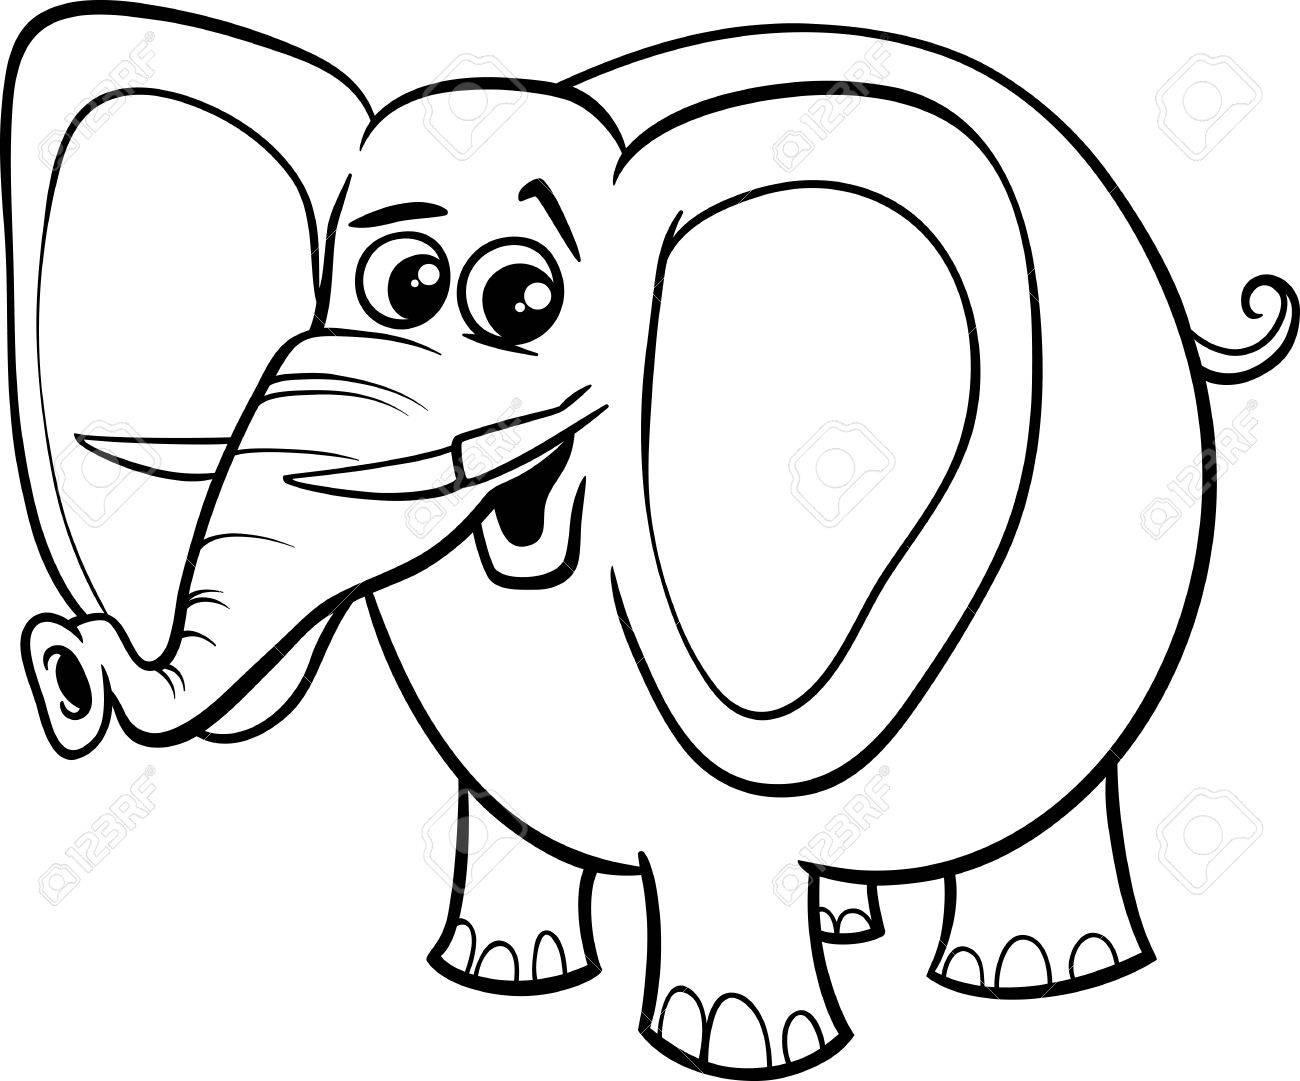 塗り絵のアフリカ象動物文字の白黒漫画イラスト ロイヤリティフリー